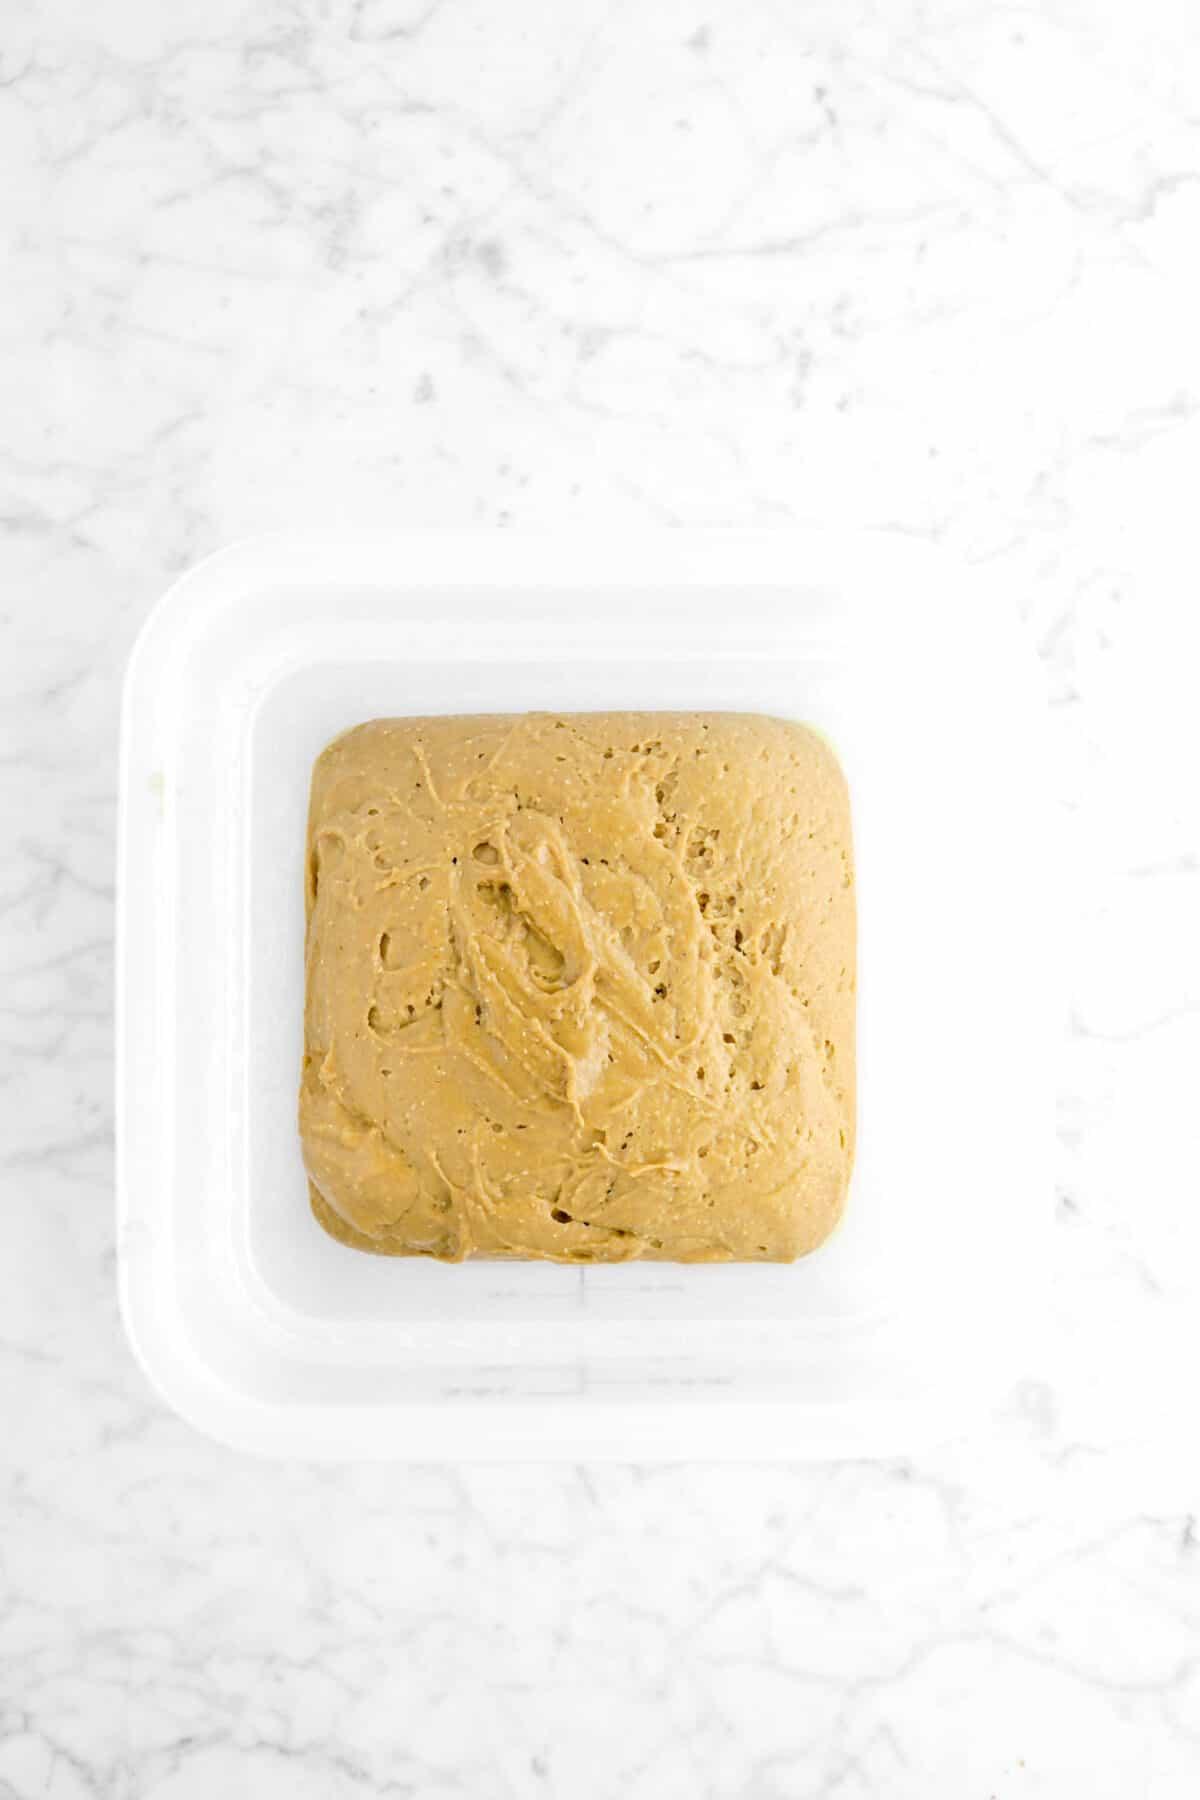 gingerbread beignet dough risen in plastic container